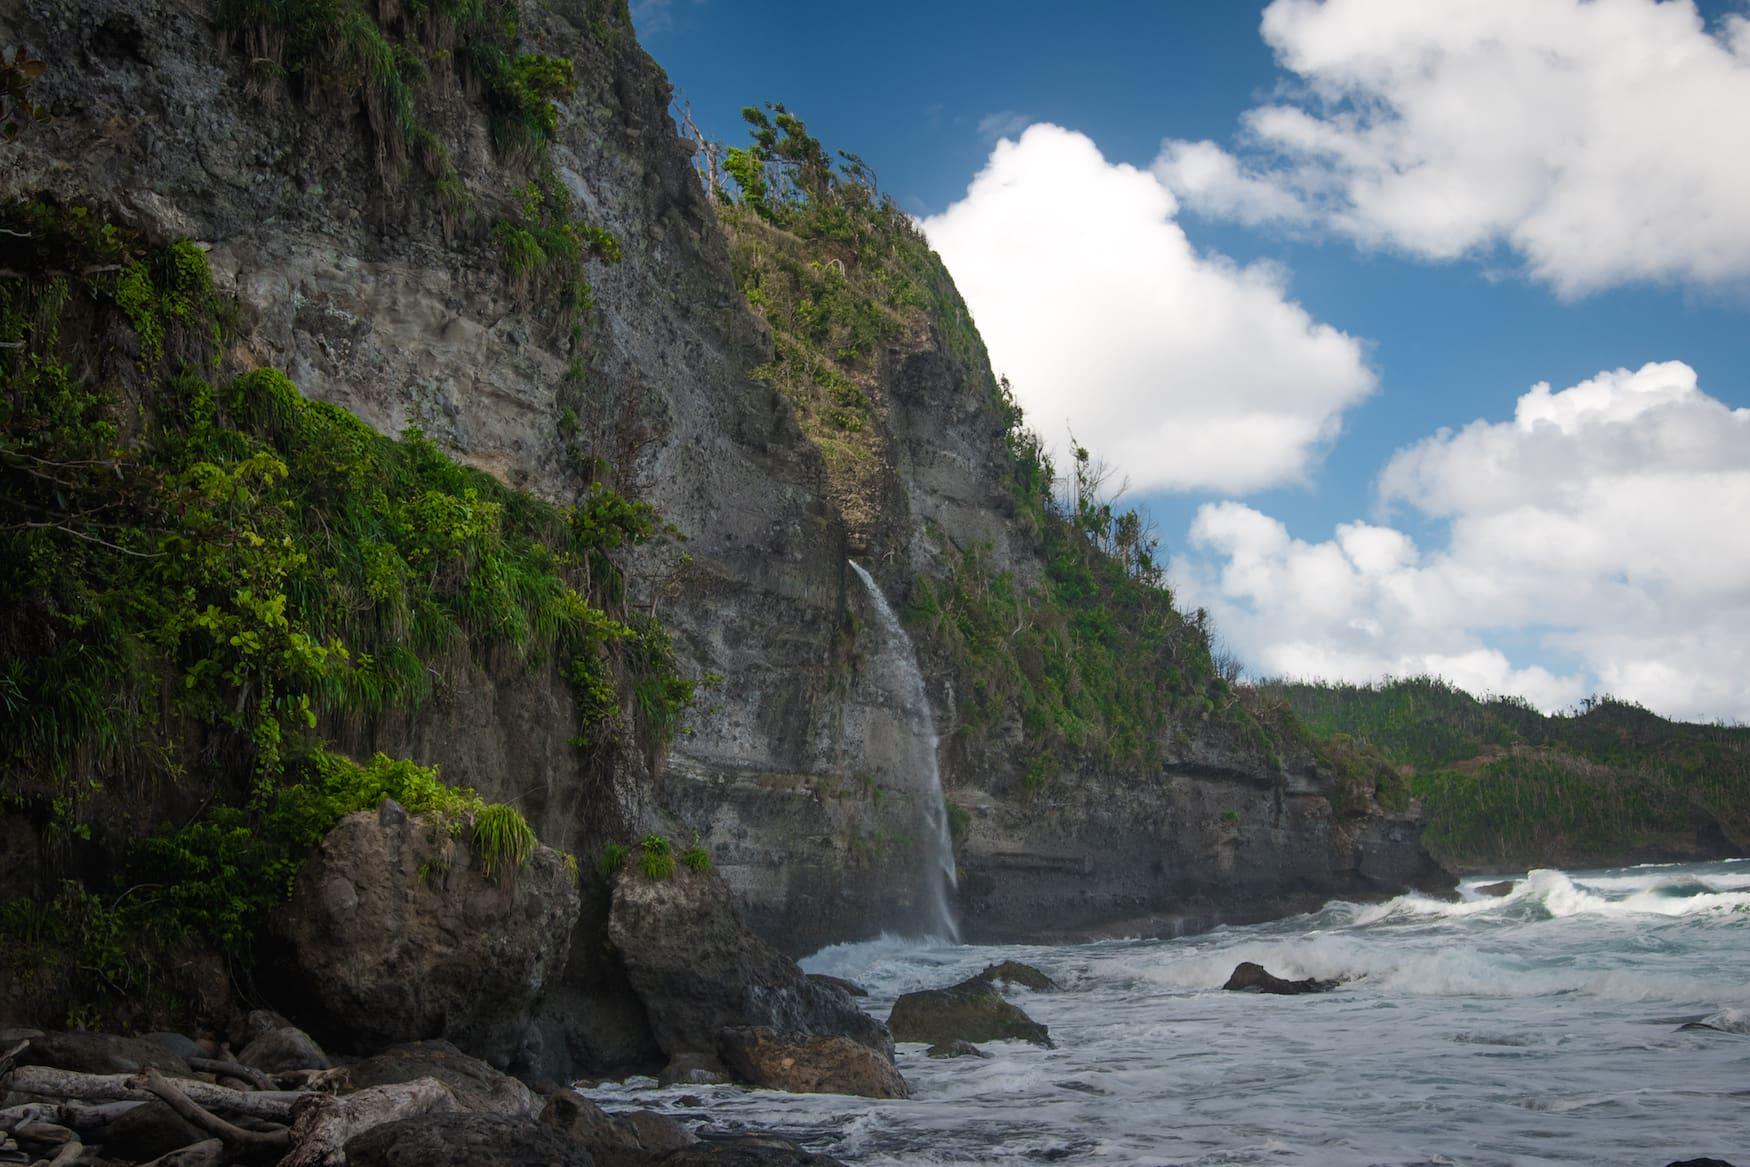 Wavine Cyrique Falls in Dominica